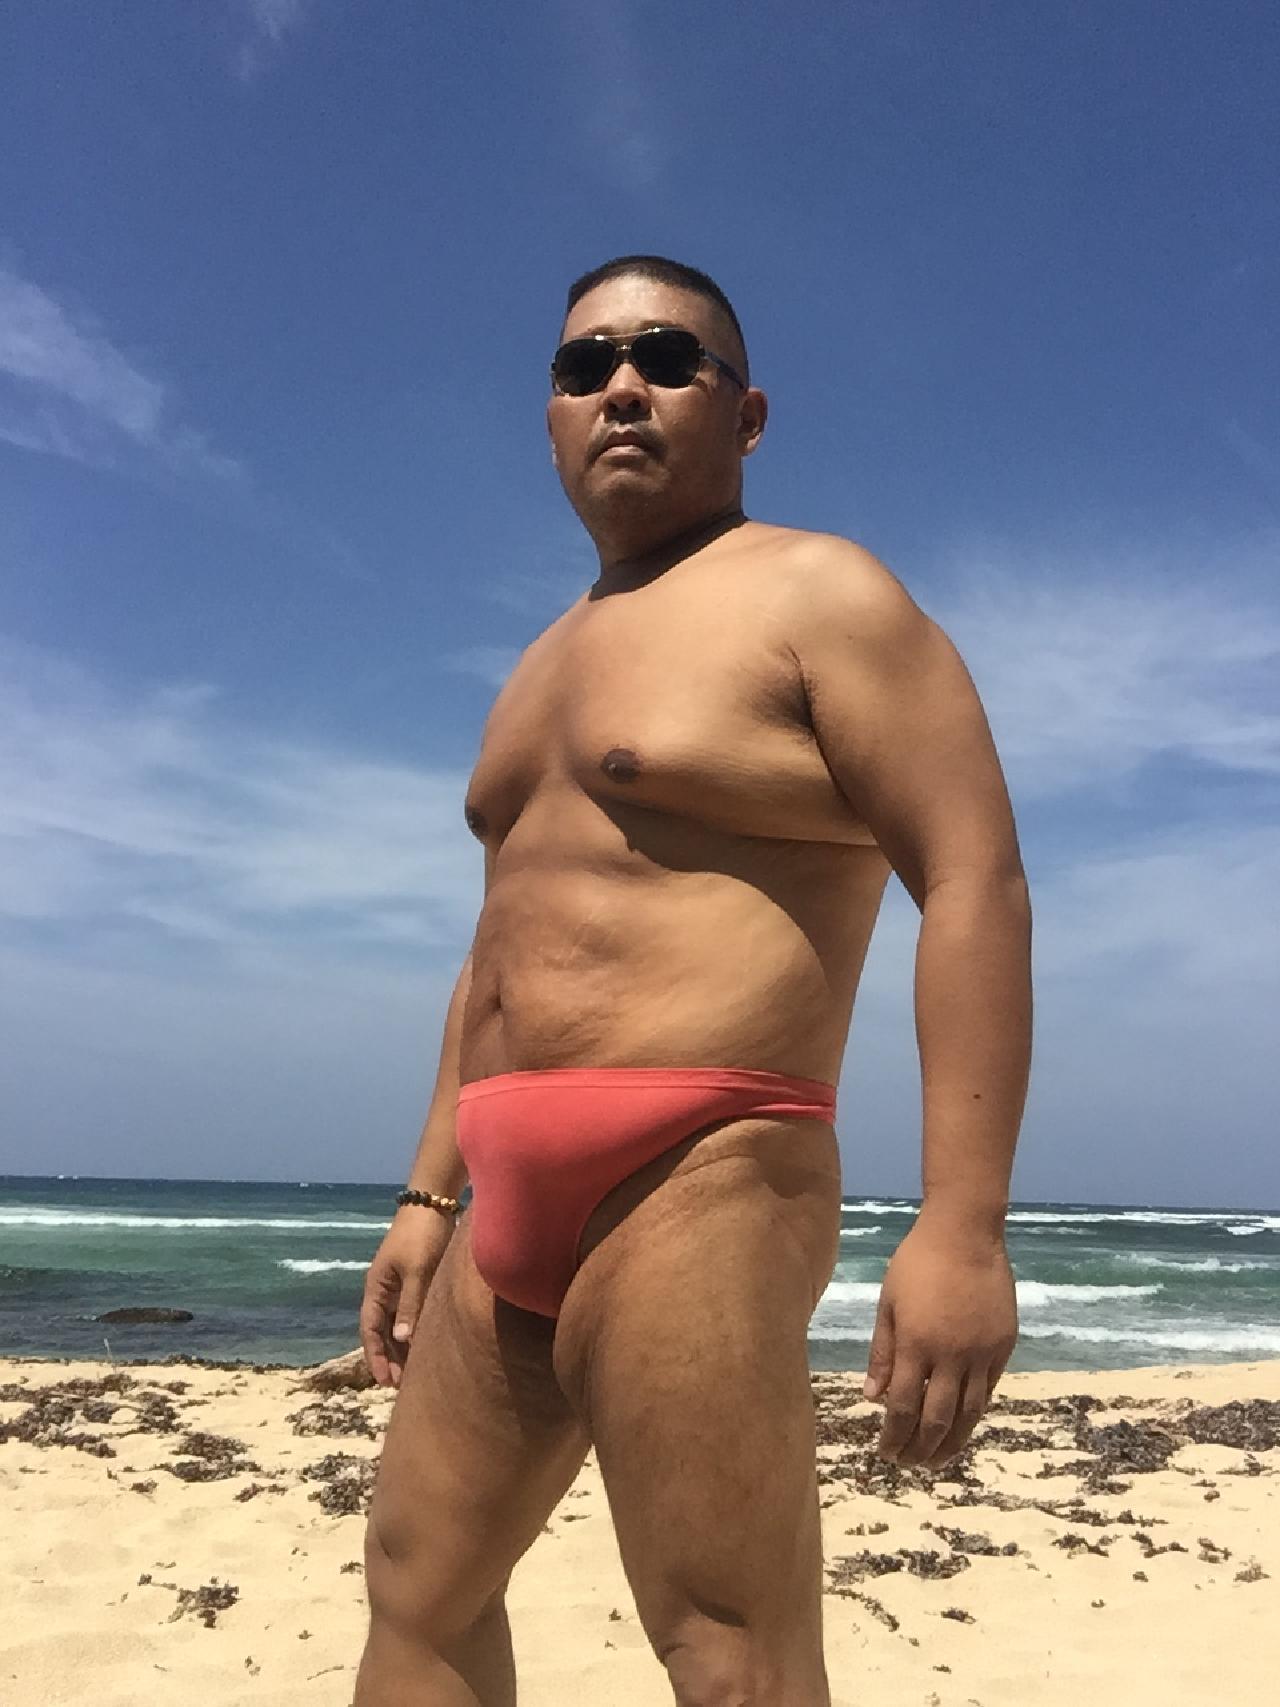 Bikini sun bather (7/218)